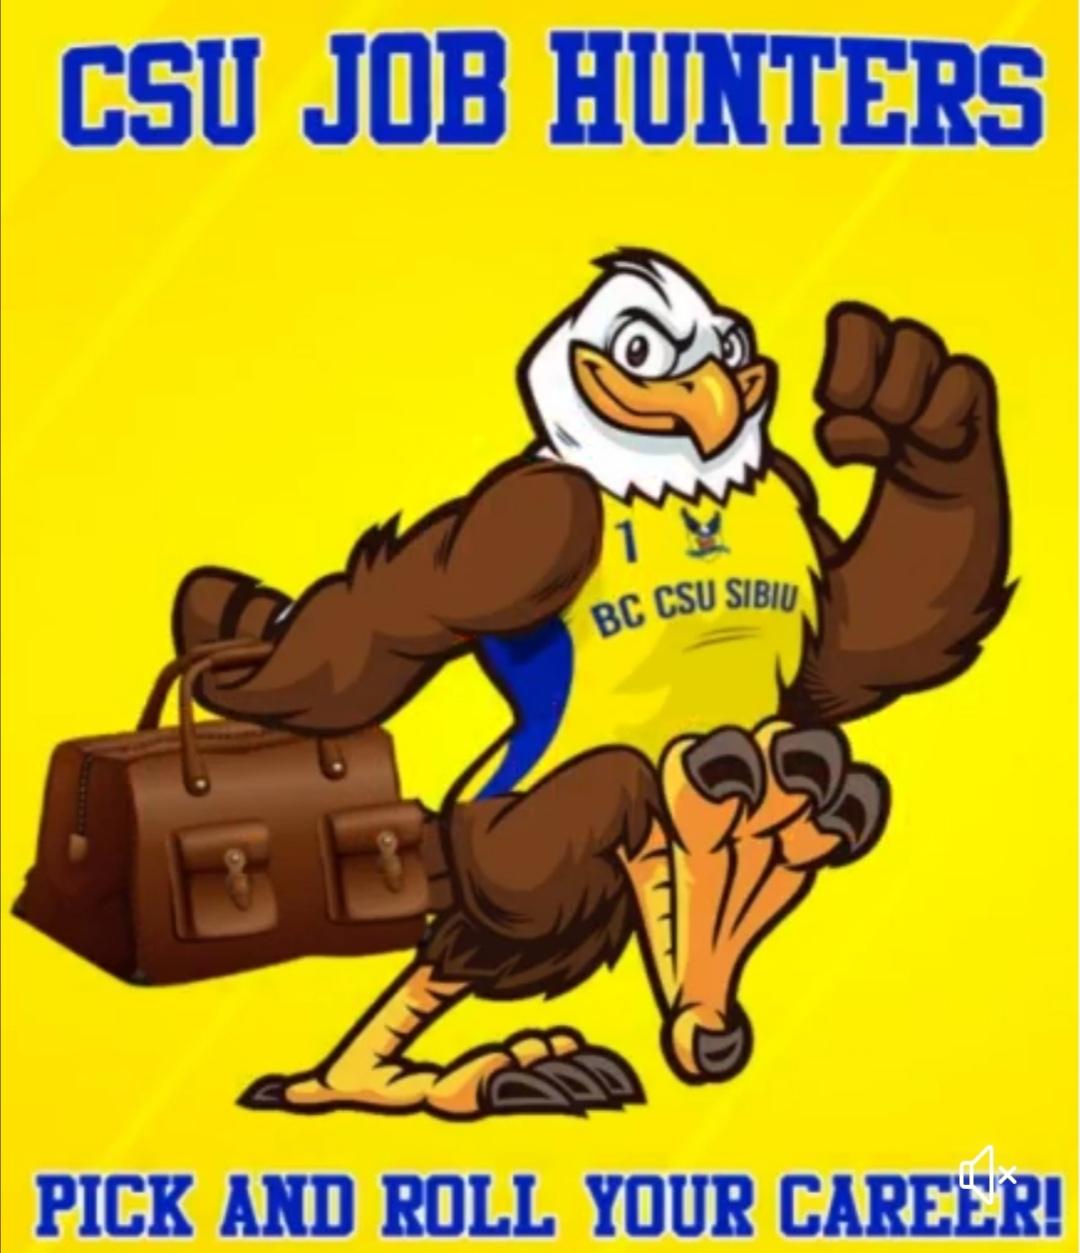 Concurs pentru suporteri: CSU JOB HUNTERS- Pick and roll your career